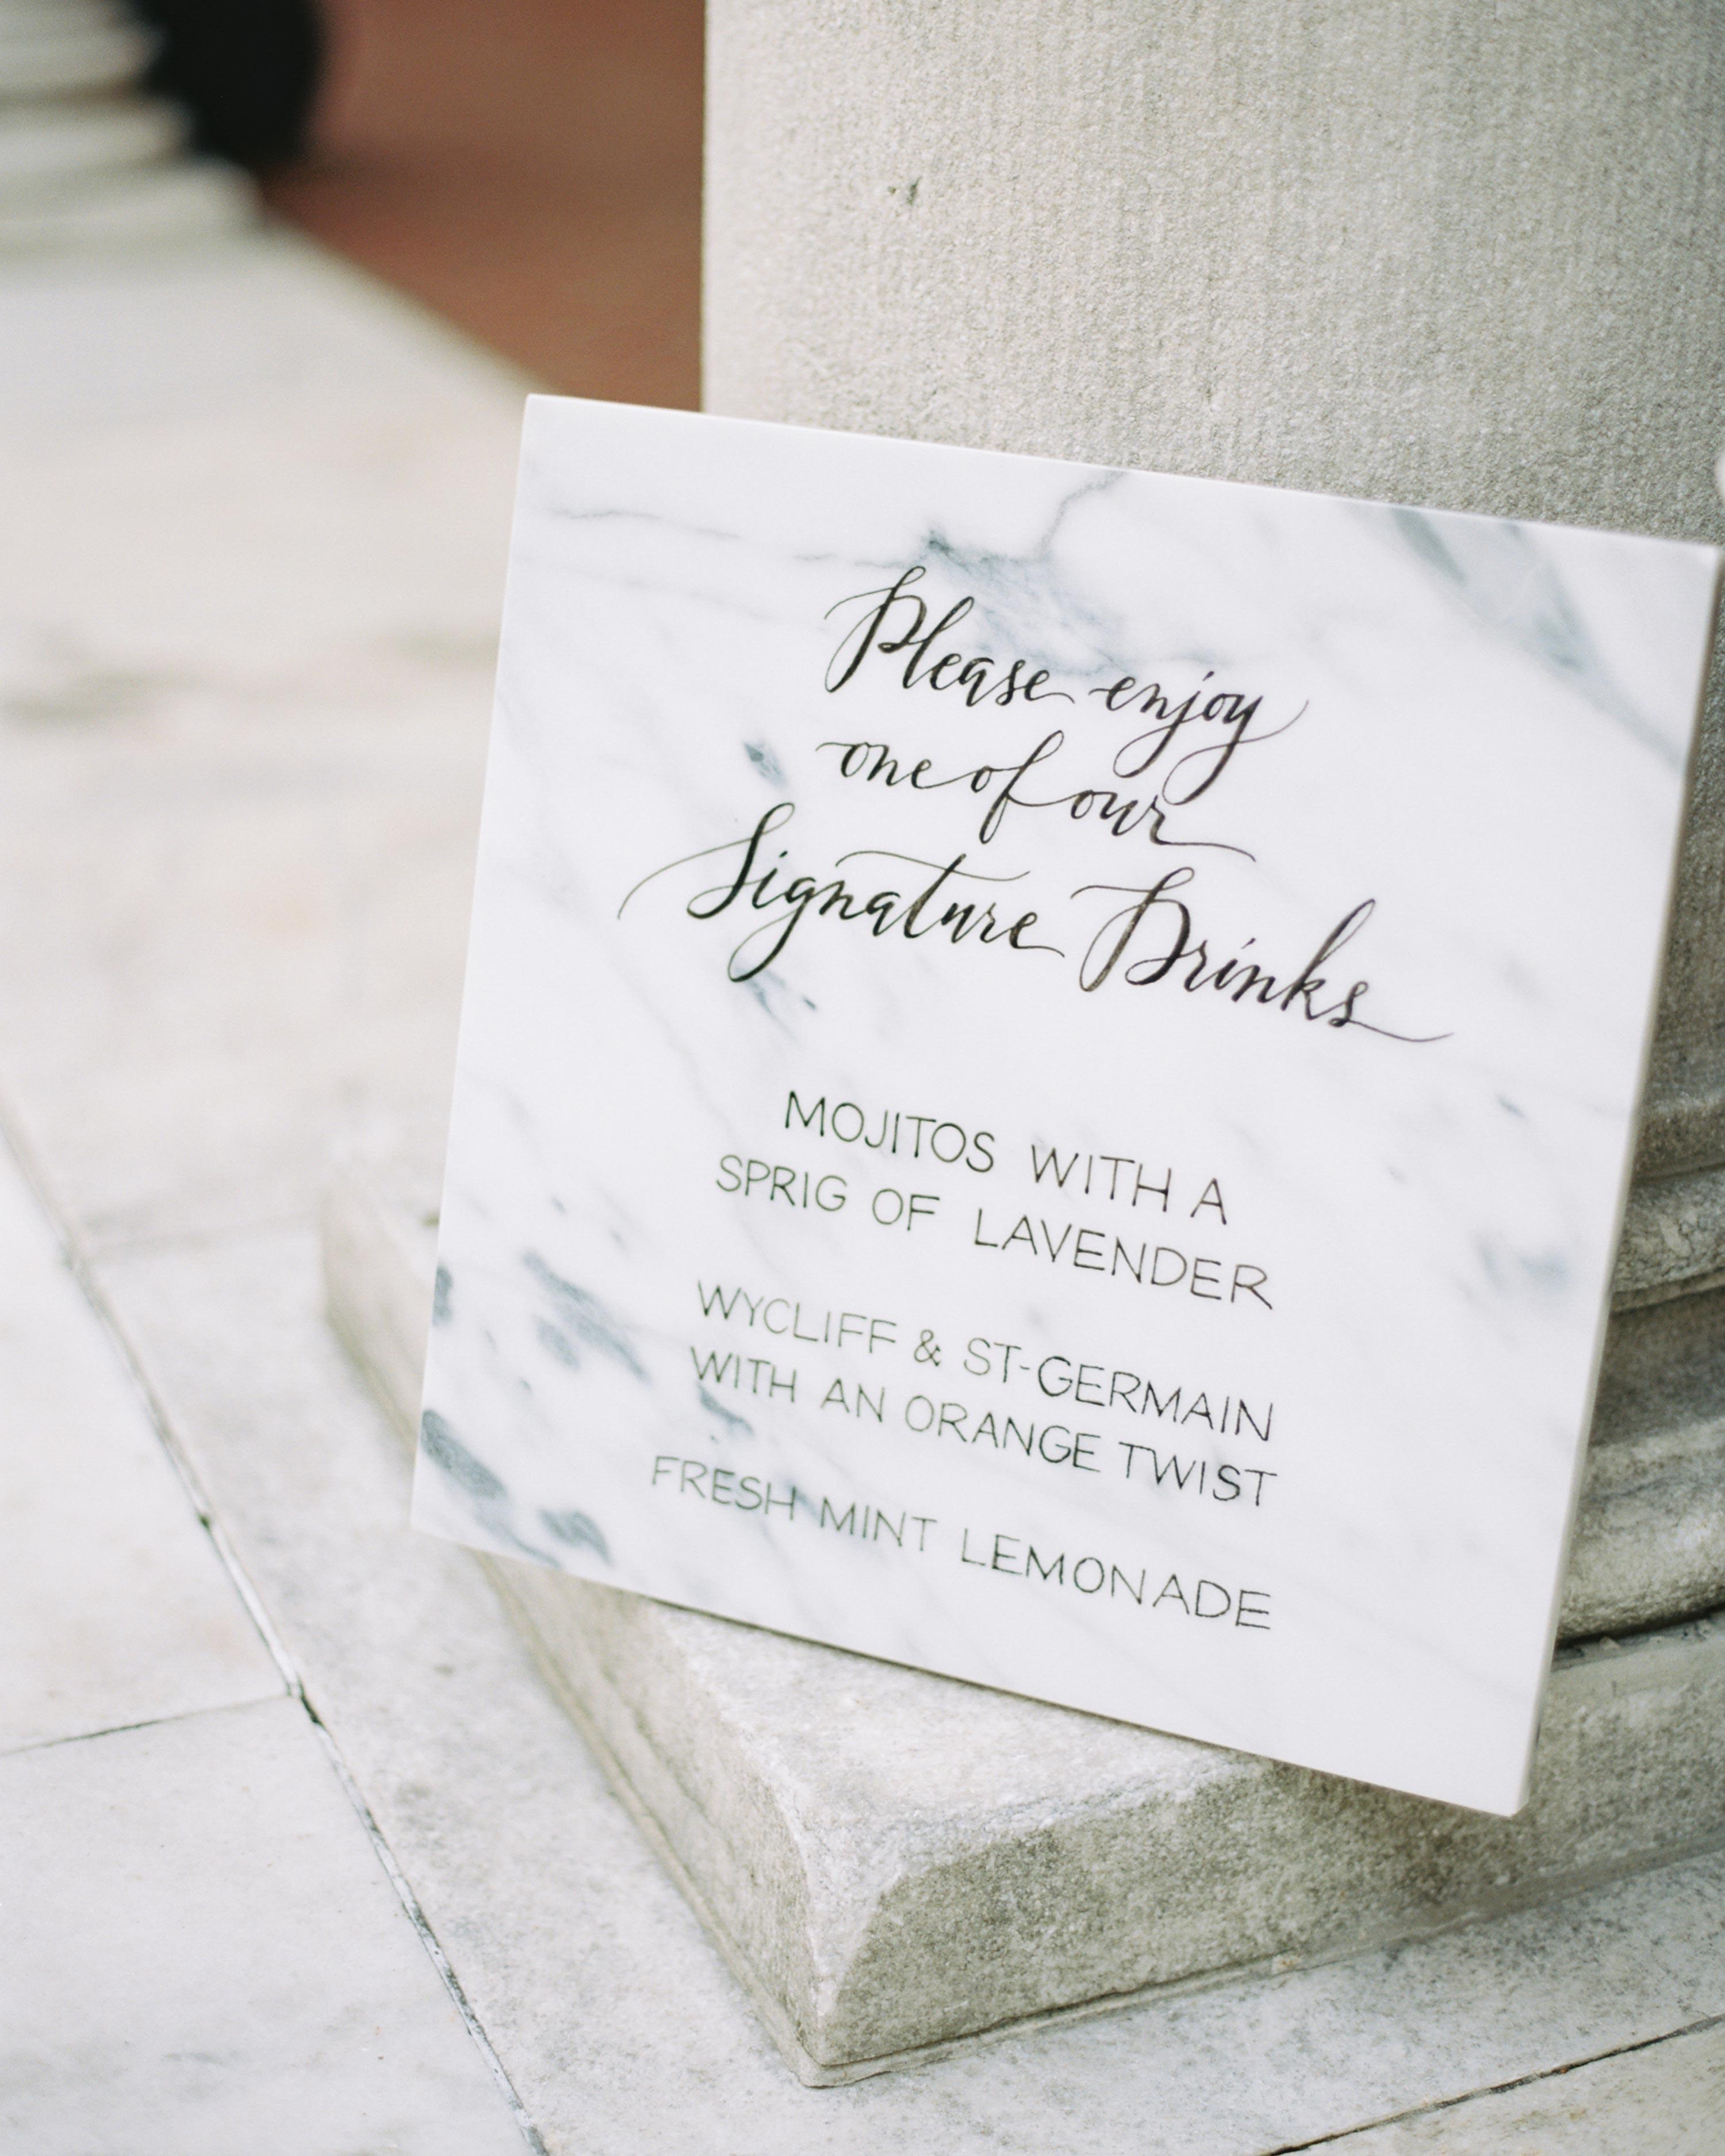 katie-kent-wedding-signaturedrink-092-s112765-0316.jpg